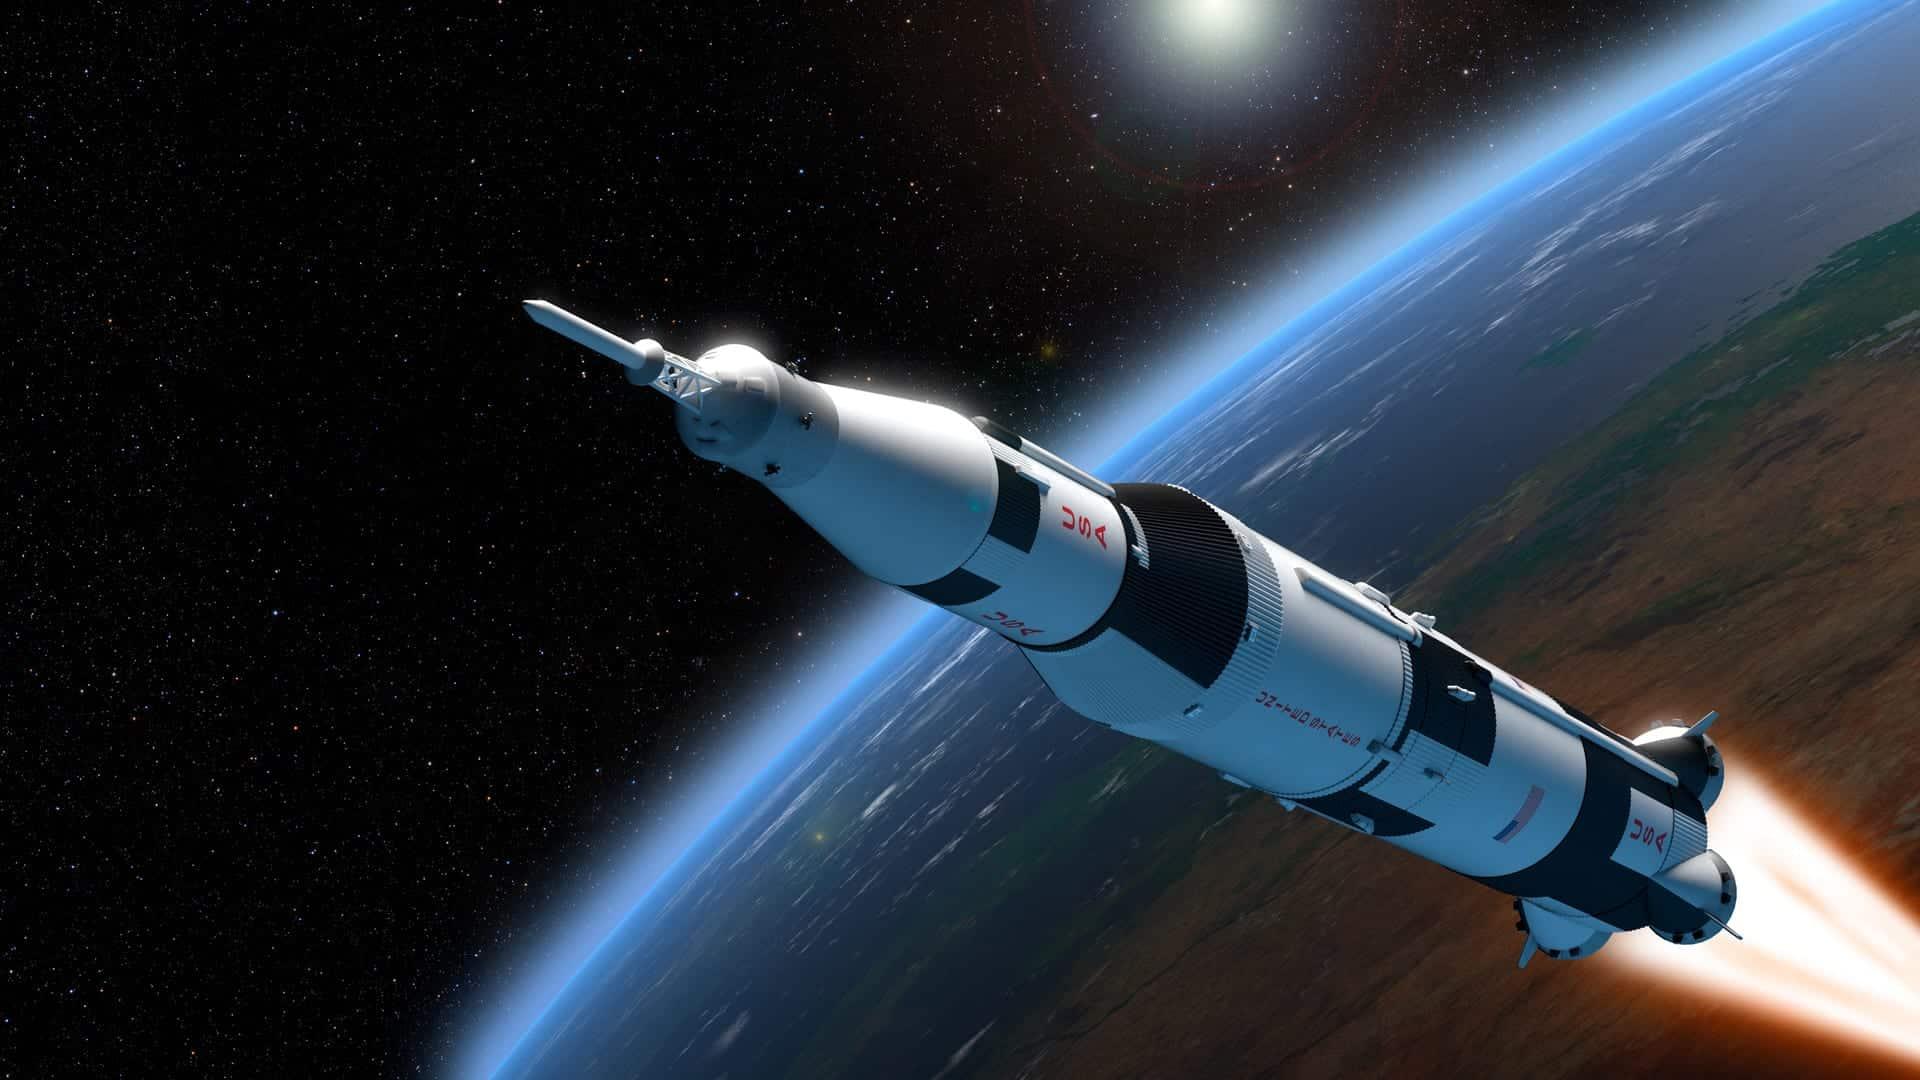 Apollo 11 - Origem e missão que levou o homem à Lua